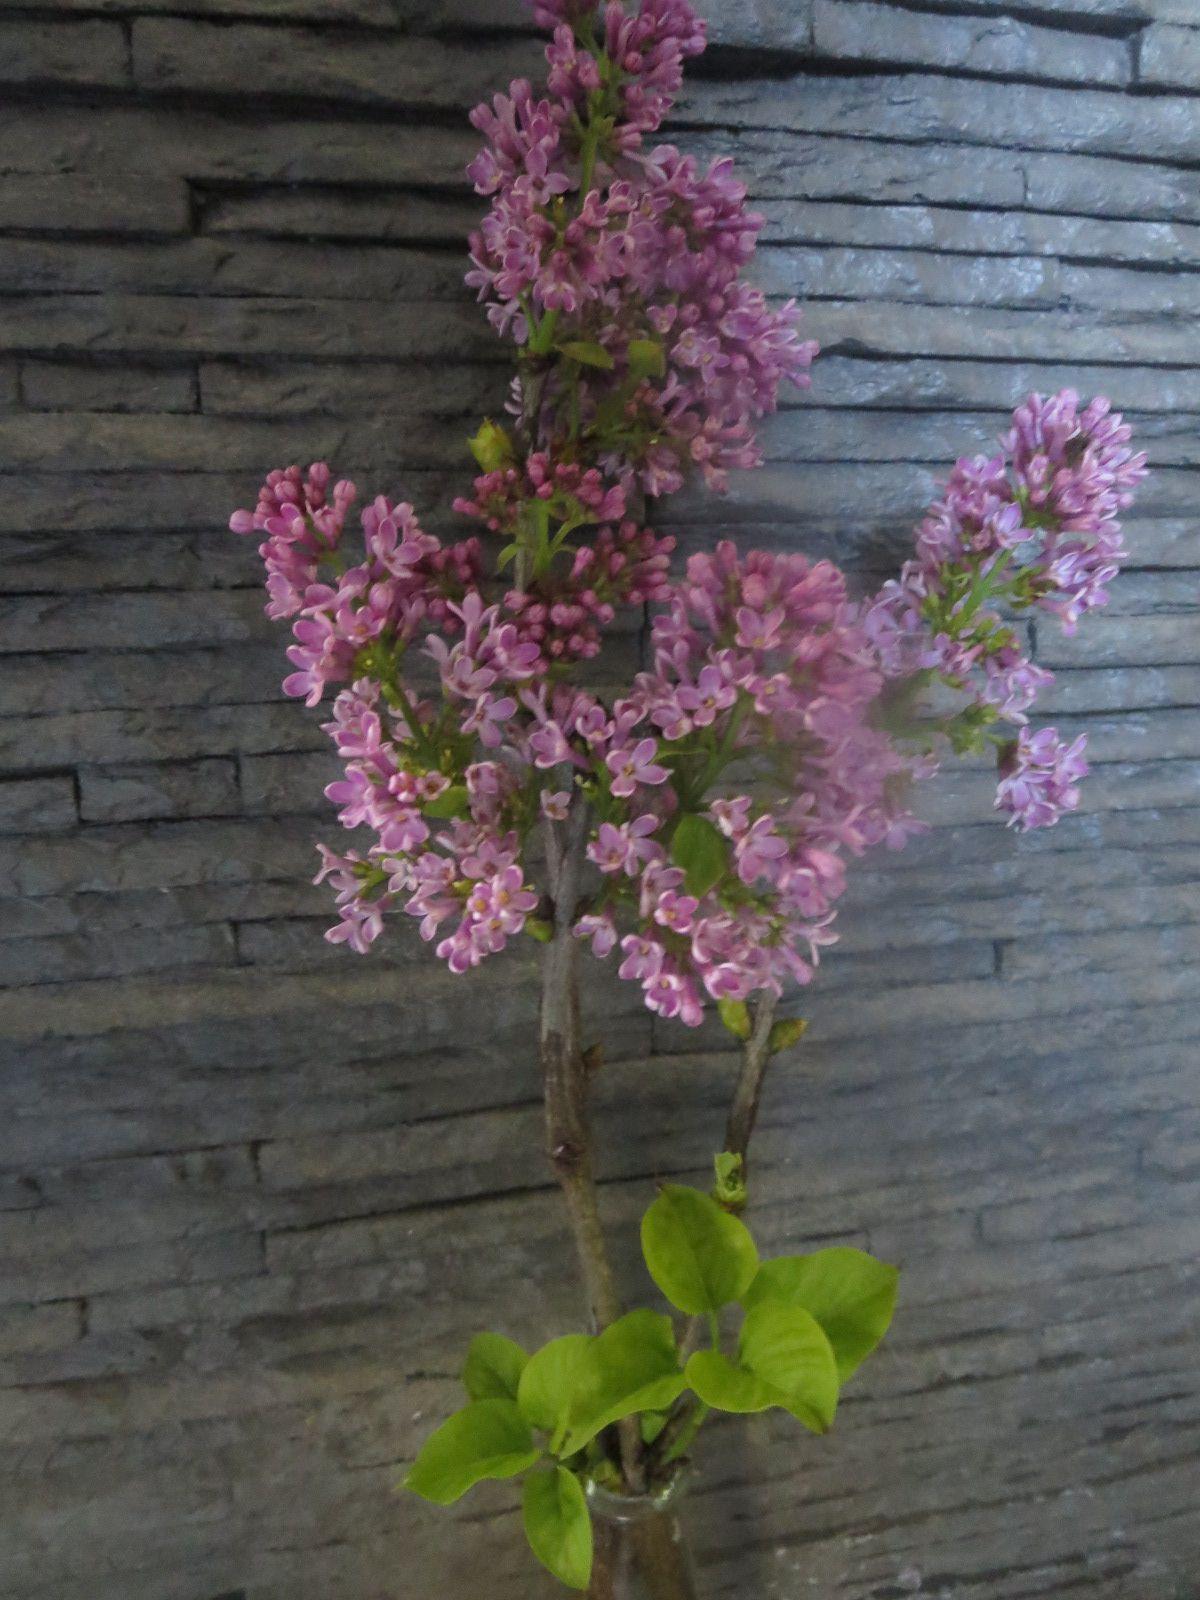 Mais que trois petites grappes de lilas viennent fleurir des bouts de branches en ce 4 novembre...ça, c'est pas trop normal ! Mais, merci du cadeau Dame Nature, me combler de leur délicieux parfum,